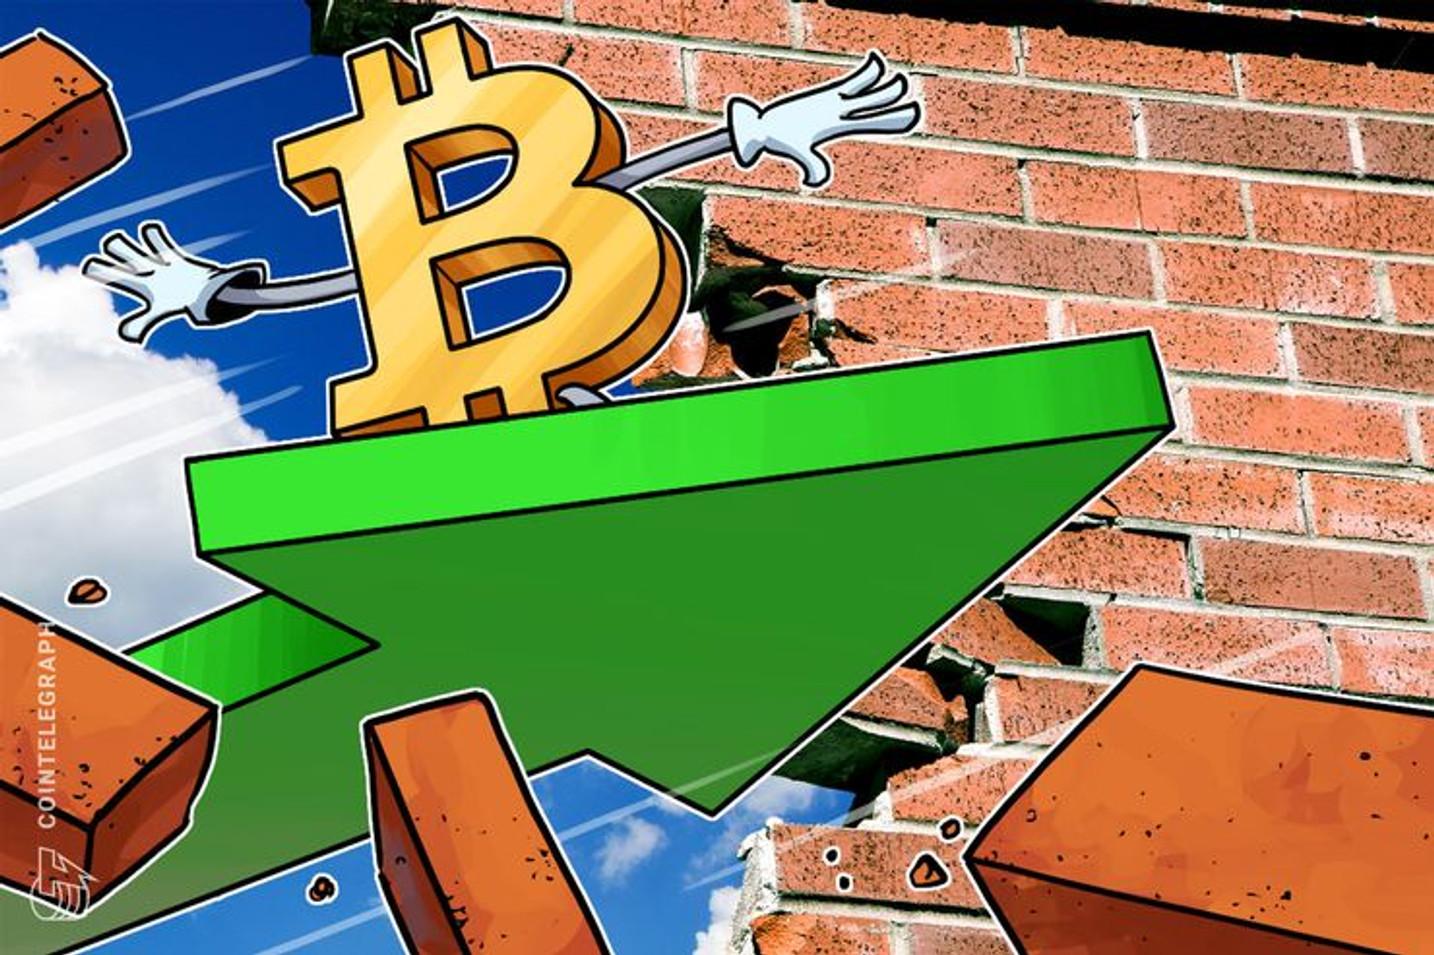 仮想通貨ビットコインの取引高 バブル時以来最高